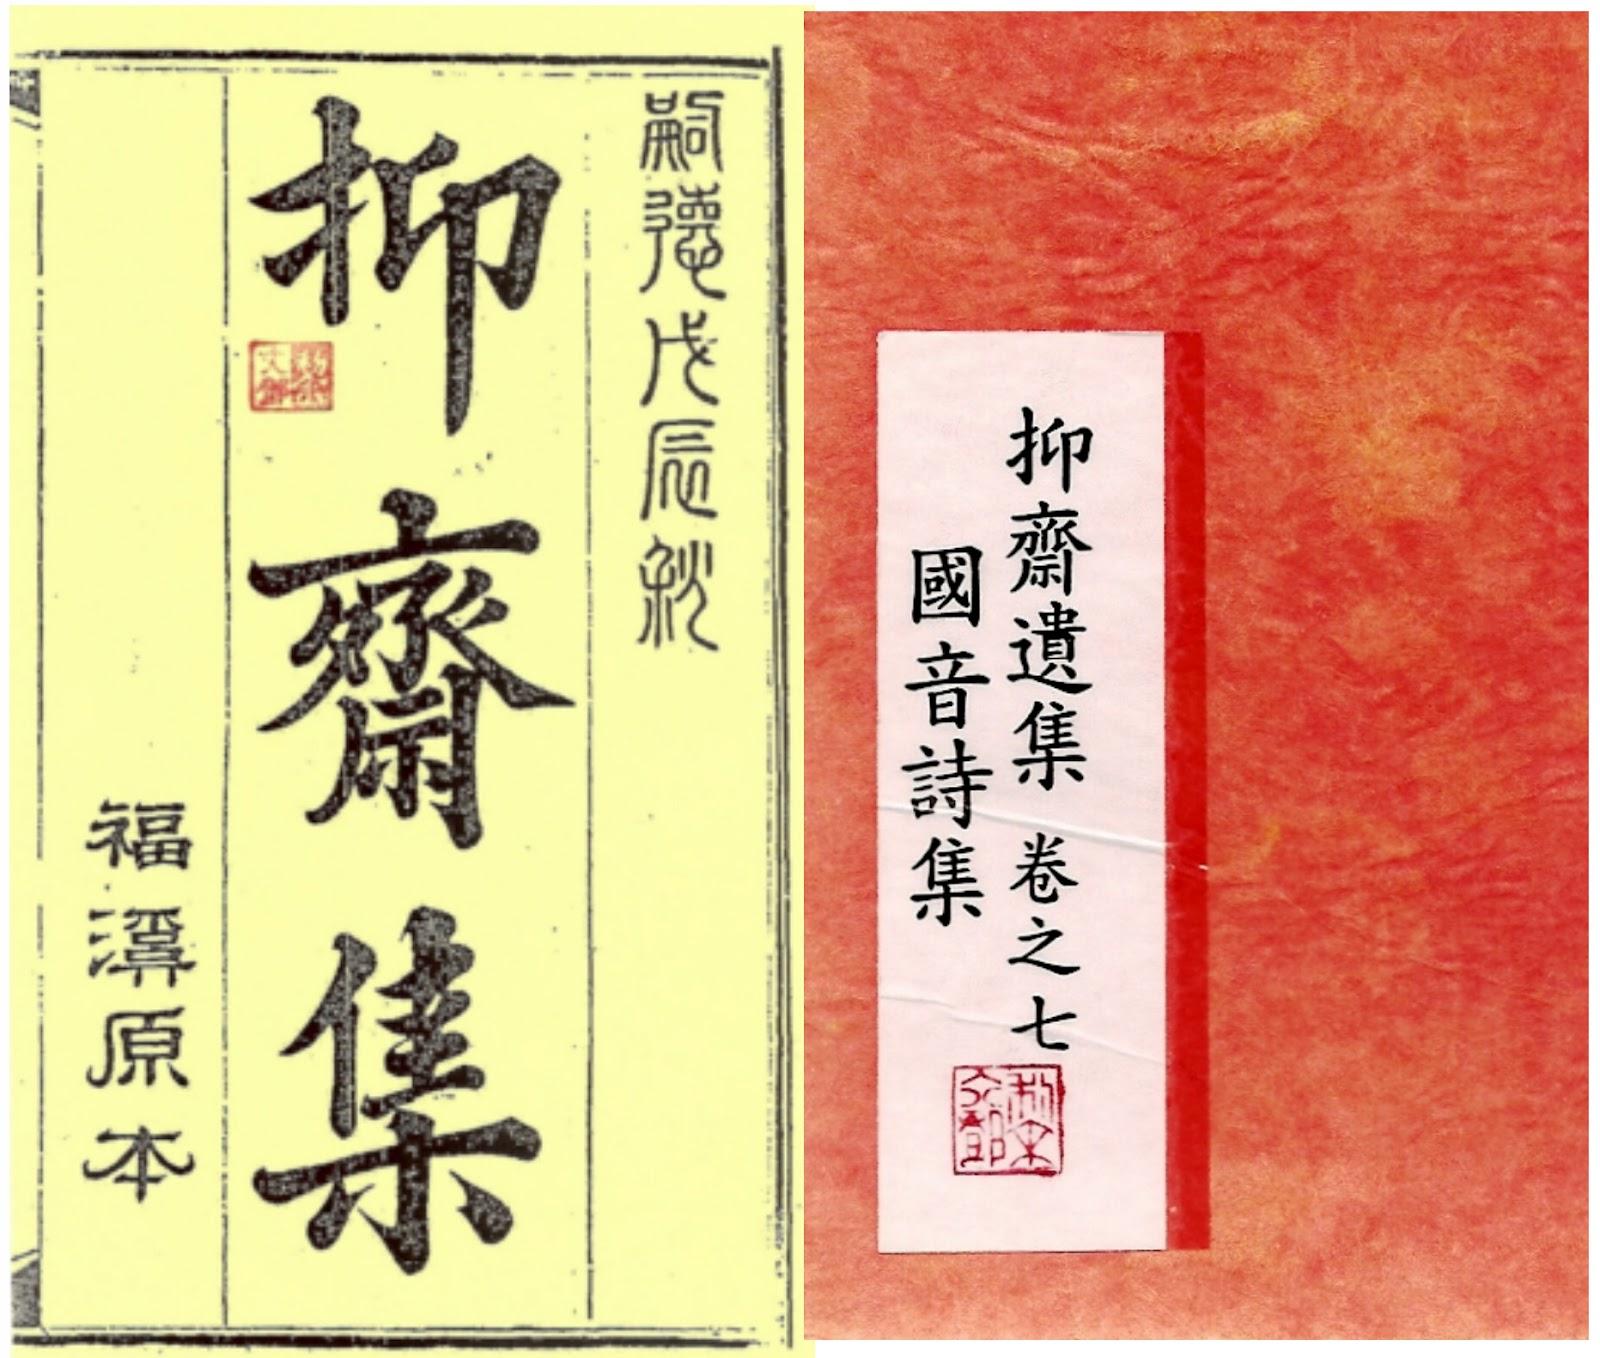 """Hãy lập dàn bài cho đề văn: Phân tích bài thơ Nôm """"Thuật hứng"""" -24 của Nguyễn Trãi."""